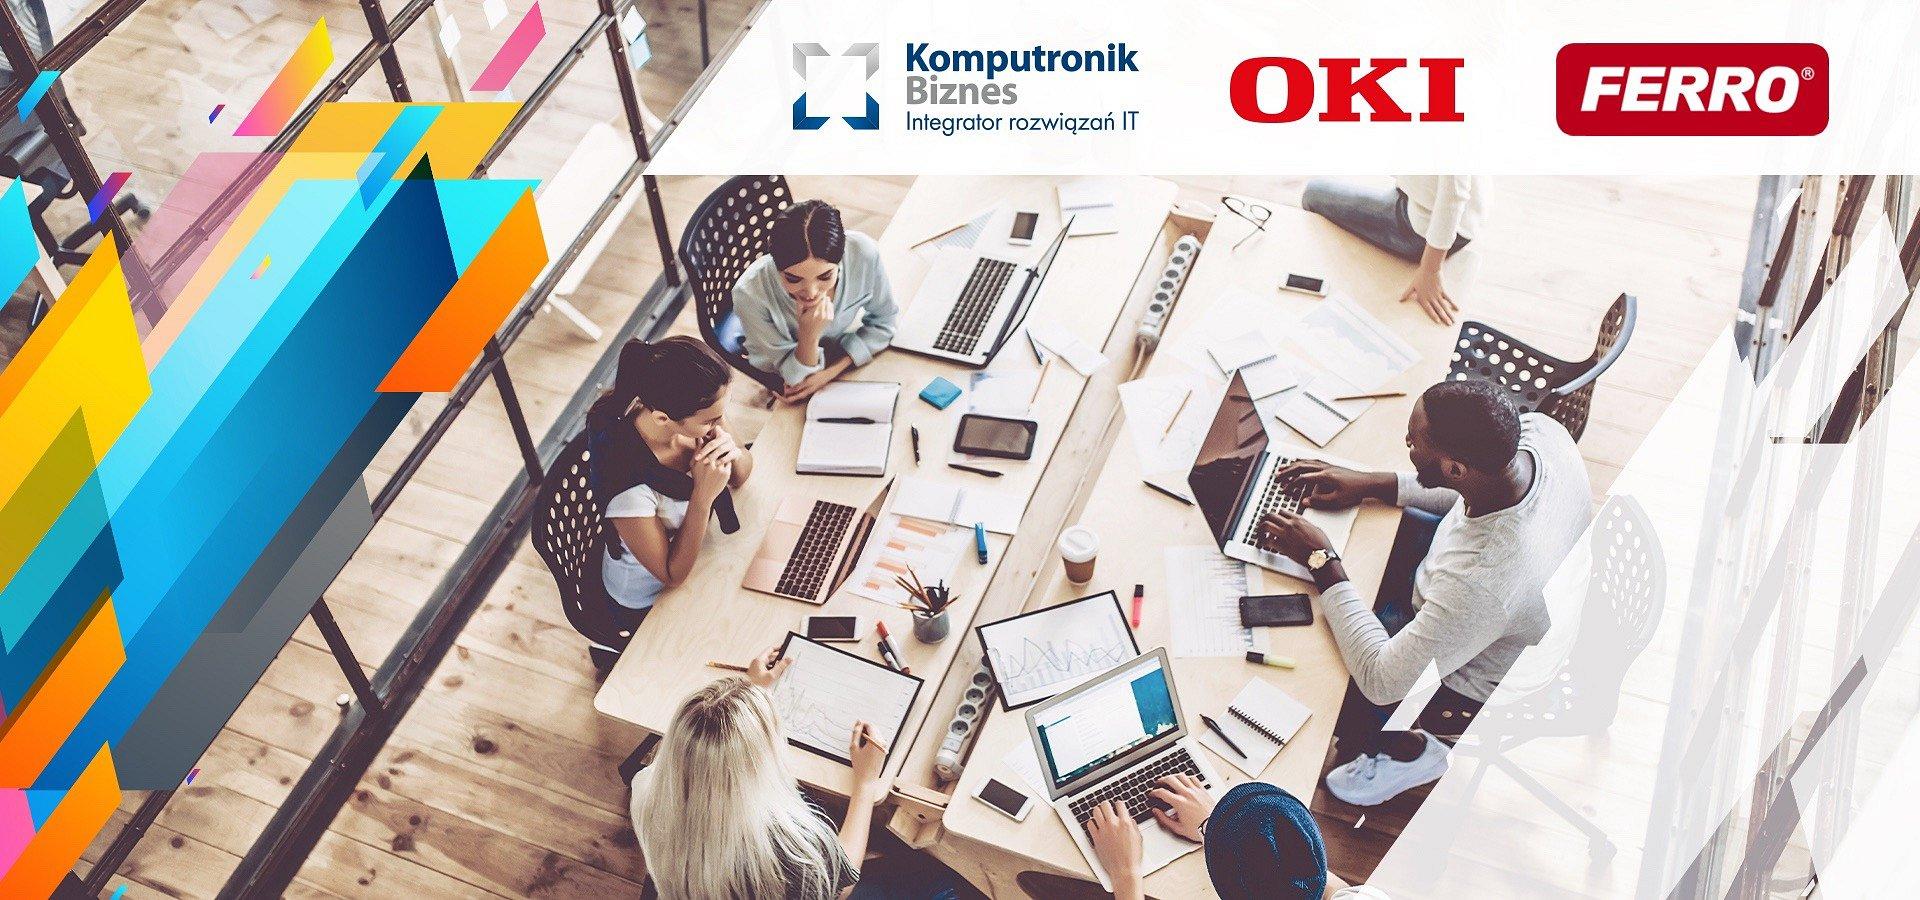 Komputronik Biznes z rozwiązaniami OKI dla marki Ferro